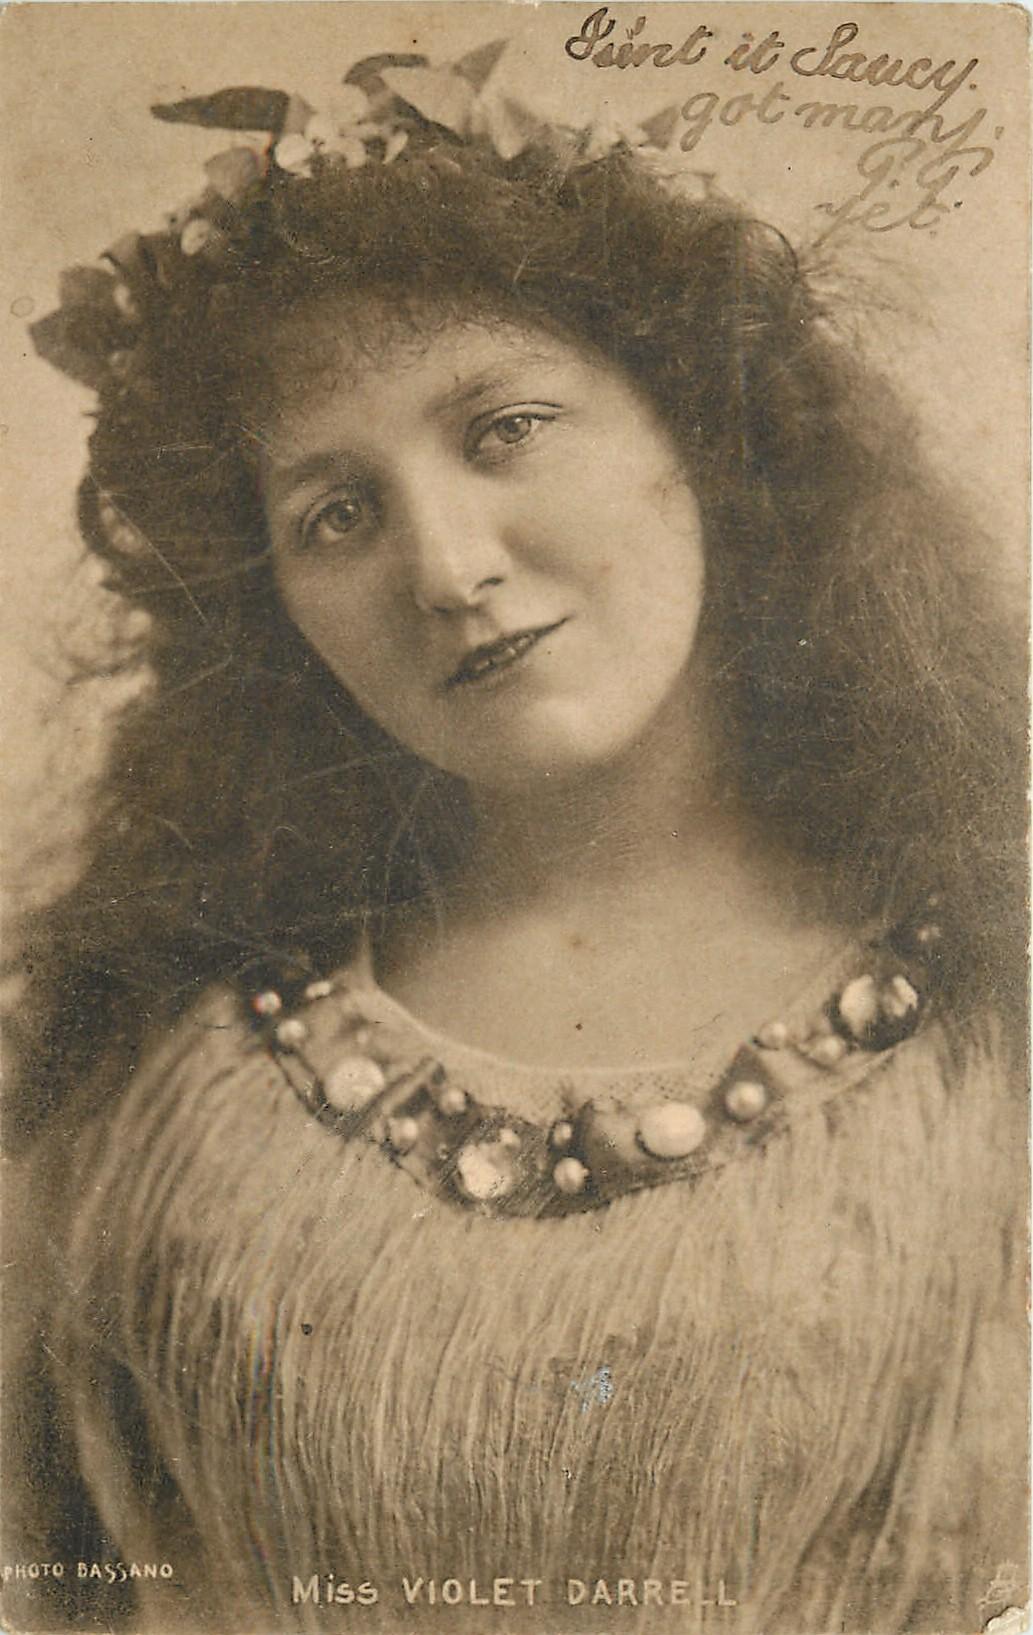 MISS VIOLET DARRELL - TuckDB Postcards